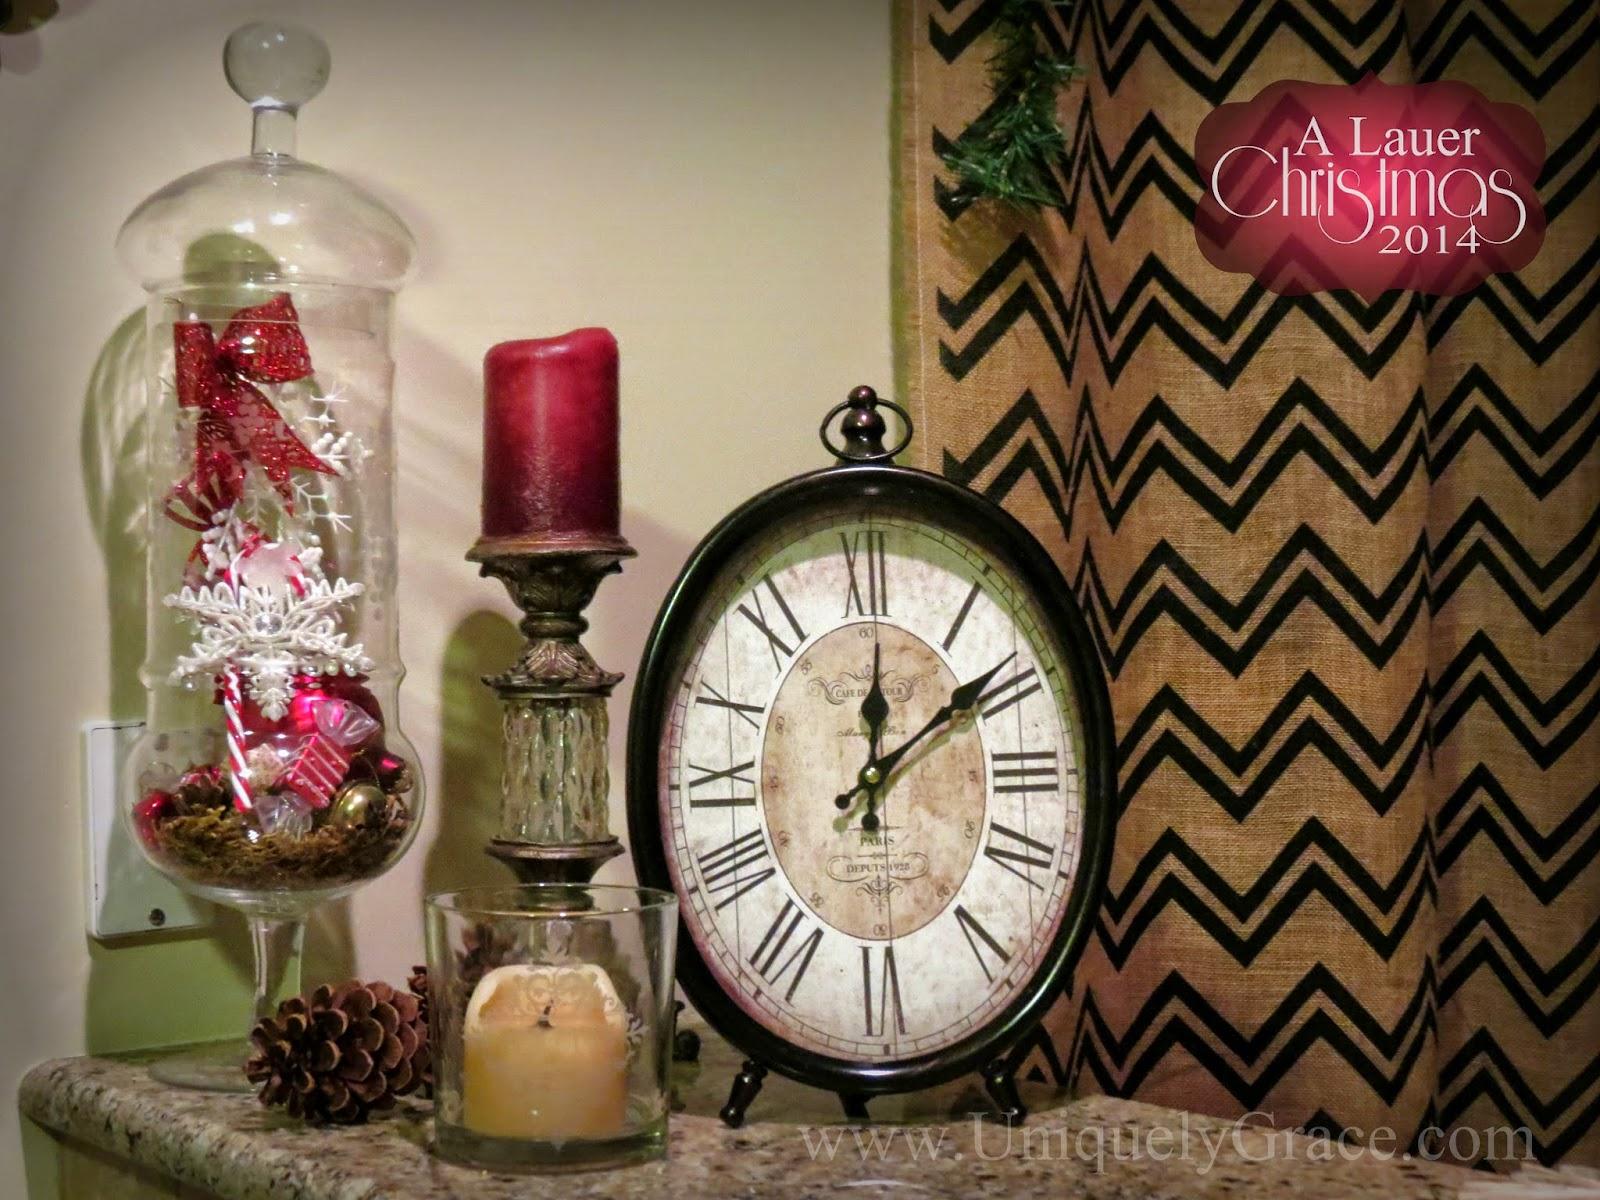 Uniquely Grace: A Lauer Christmas Home Tour